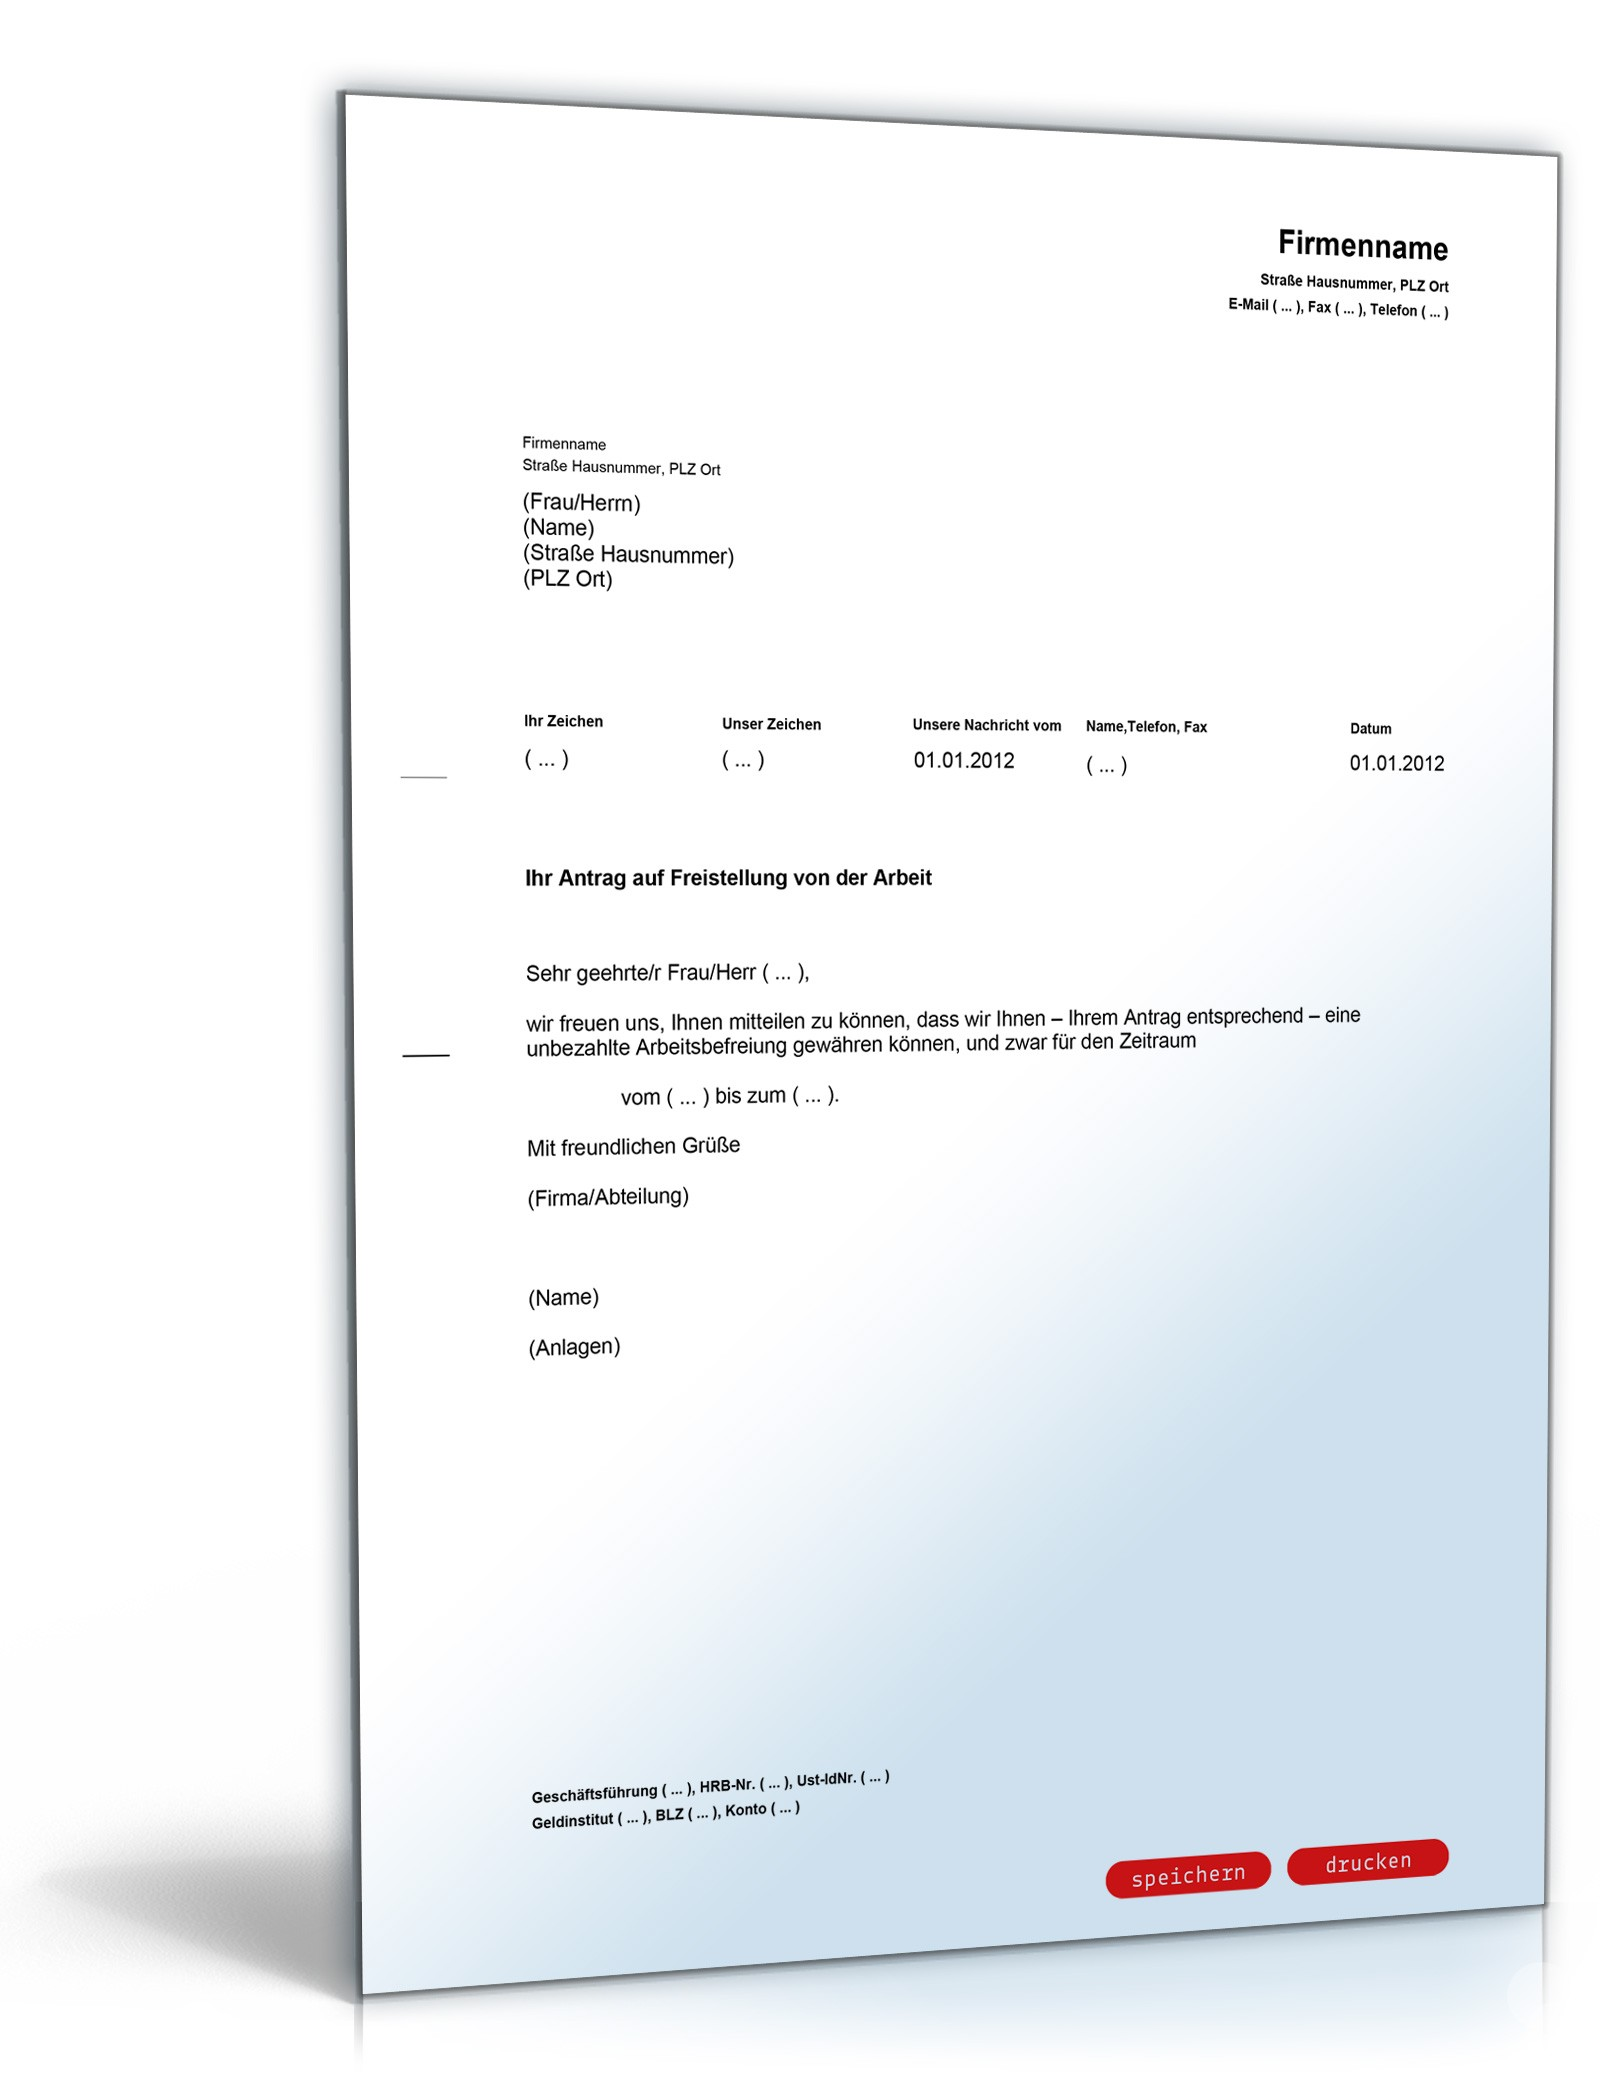 Musterbriefe Geschäftsbriefe : Unbezahlte freistellung von der arbeit muster zum download